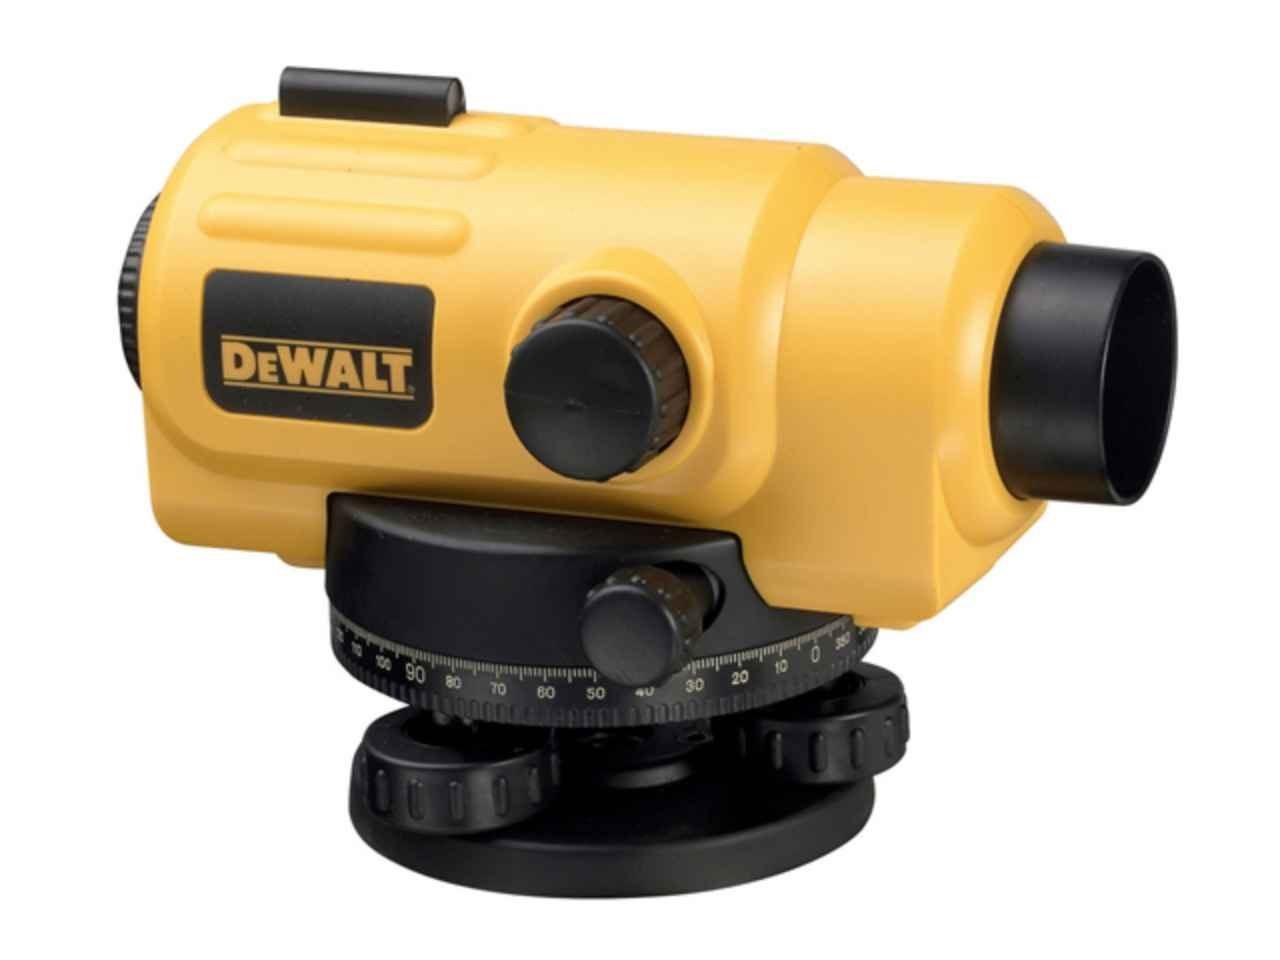 Dewalt Dw096pk Laser Auto Level Kit